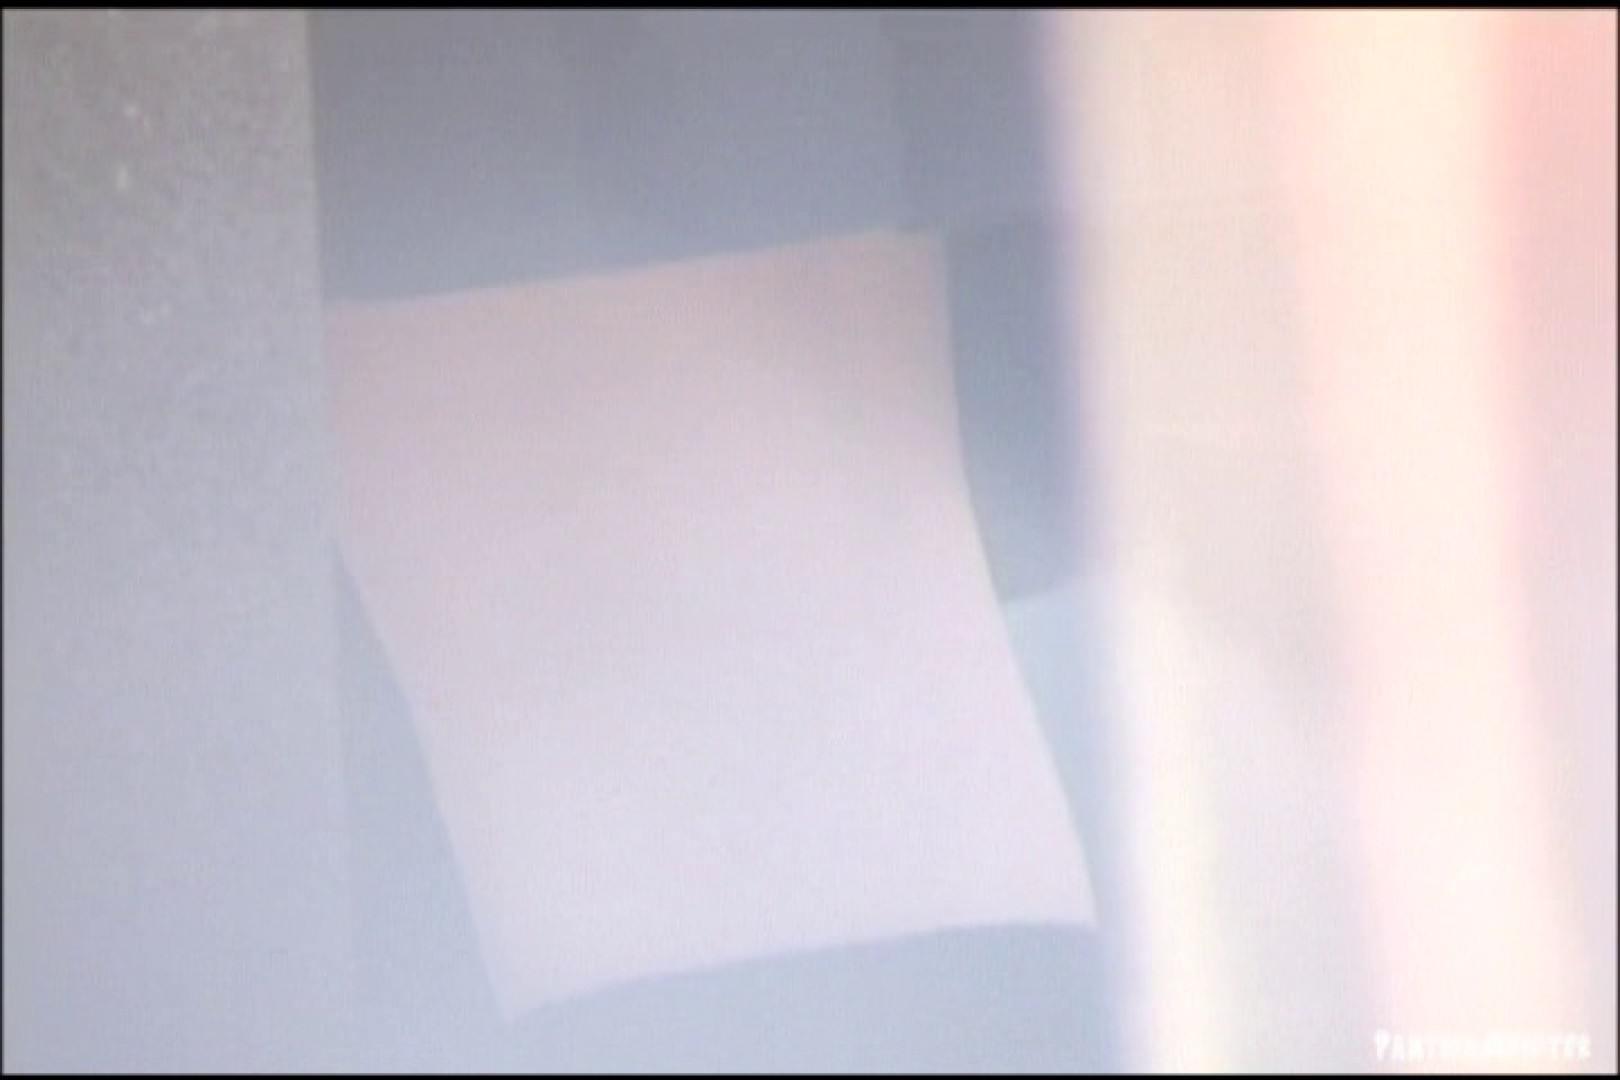 オリジナルパンチラ No.084 チラ見え画像  107連発 104